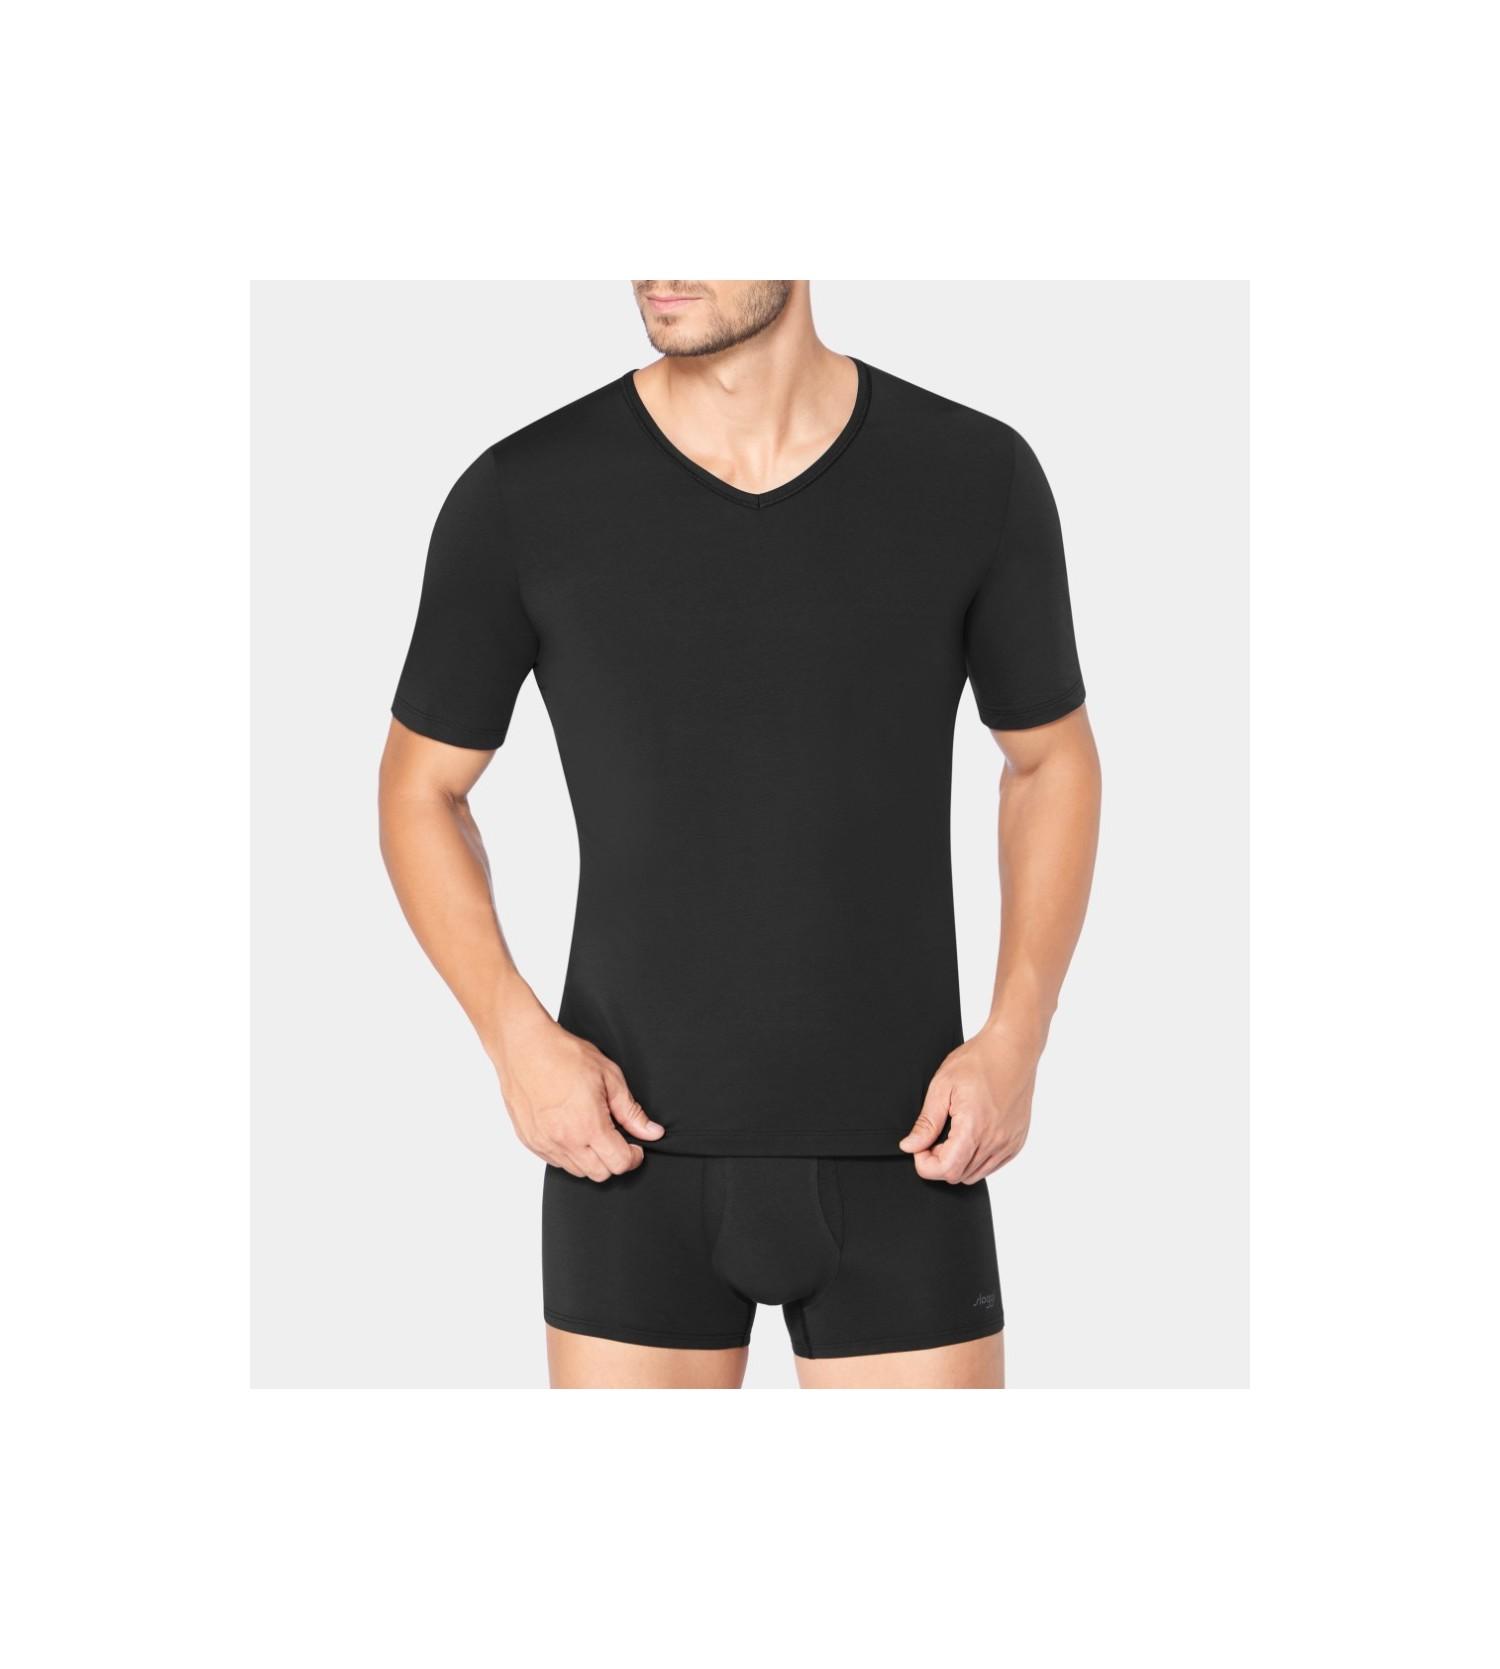 182958ed697f T Men homme Fresh shirt NOIR Sipp Lingerie Ever Sloggi qRpFUzR